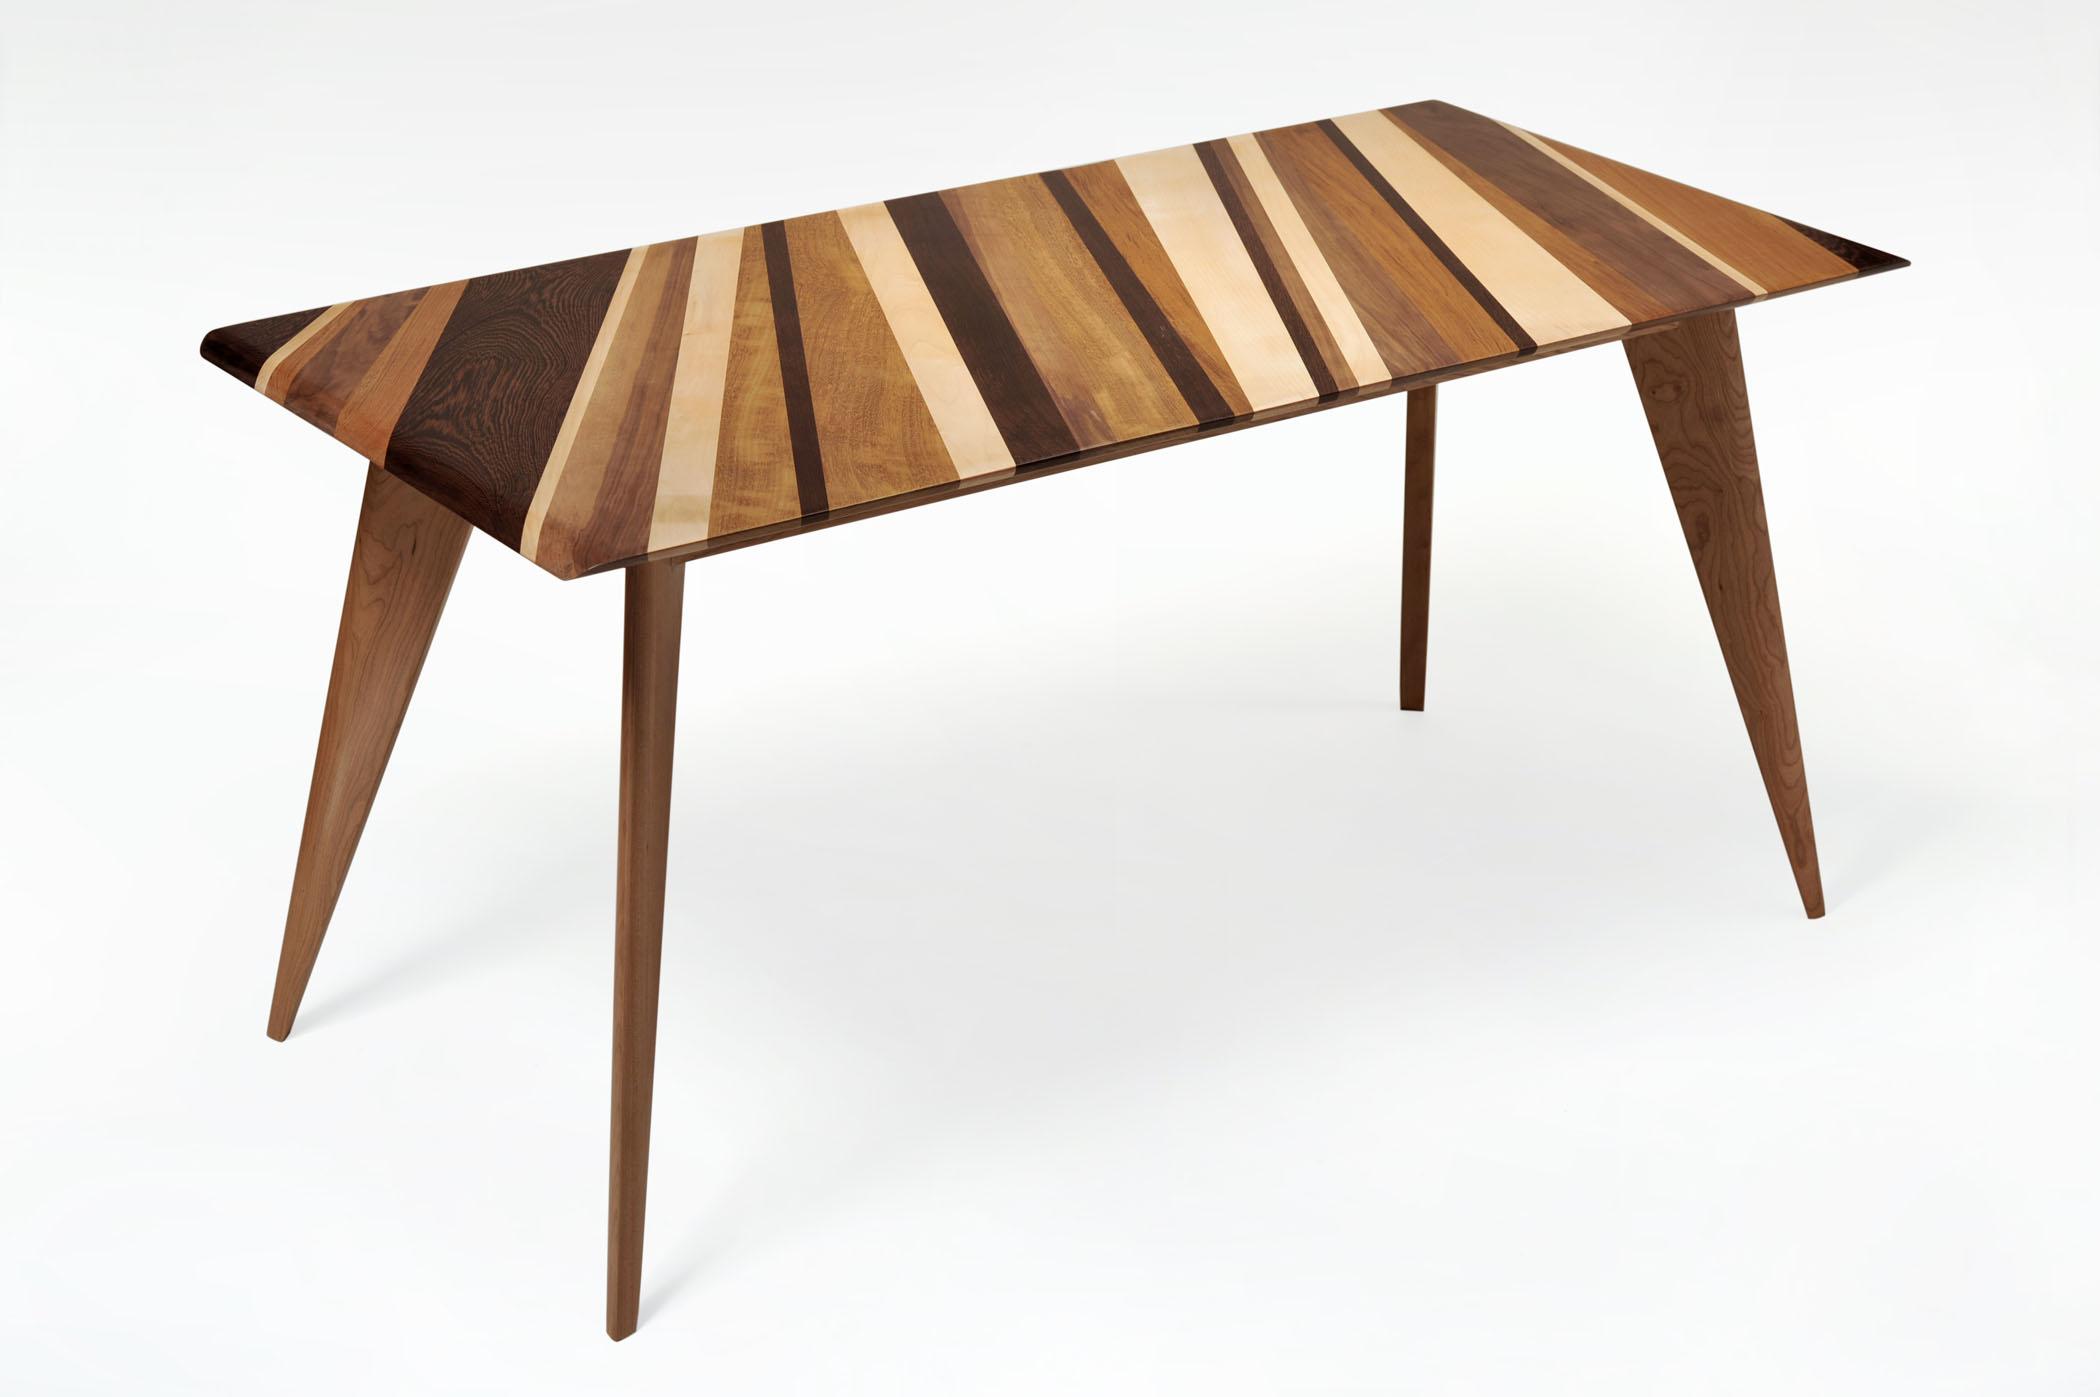 Tavolo in legno massello. Piano con diversi legni: noce, acero, wengè, teak.